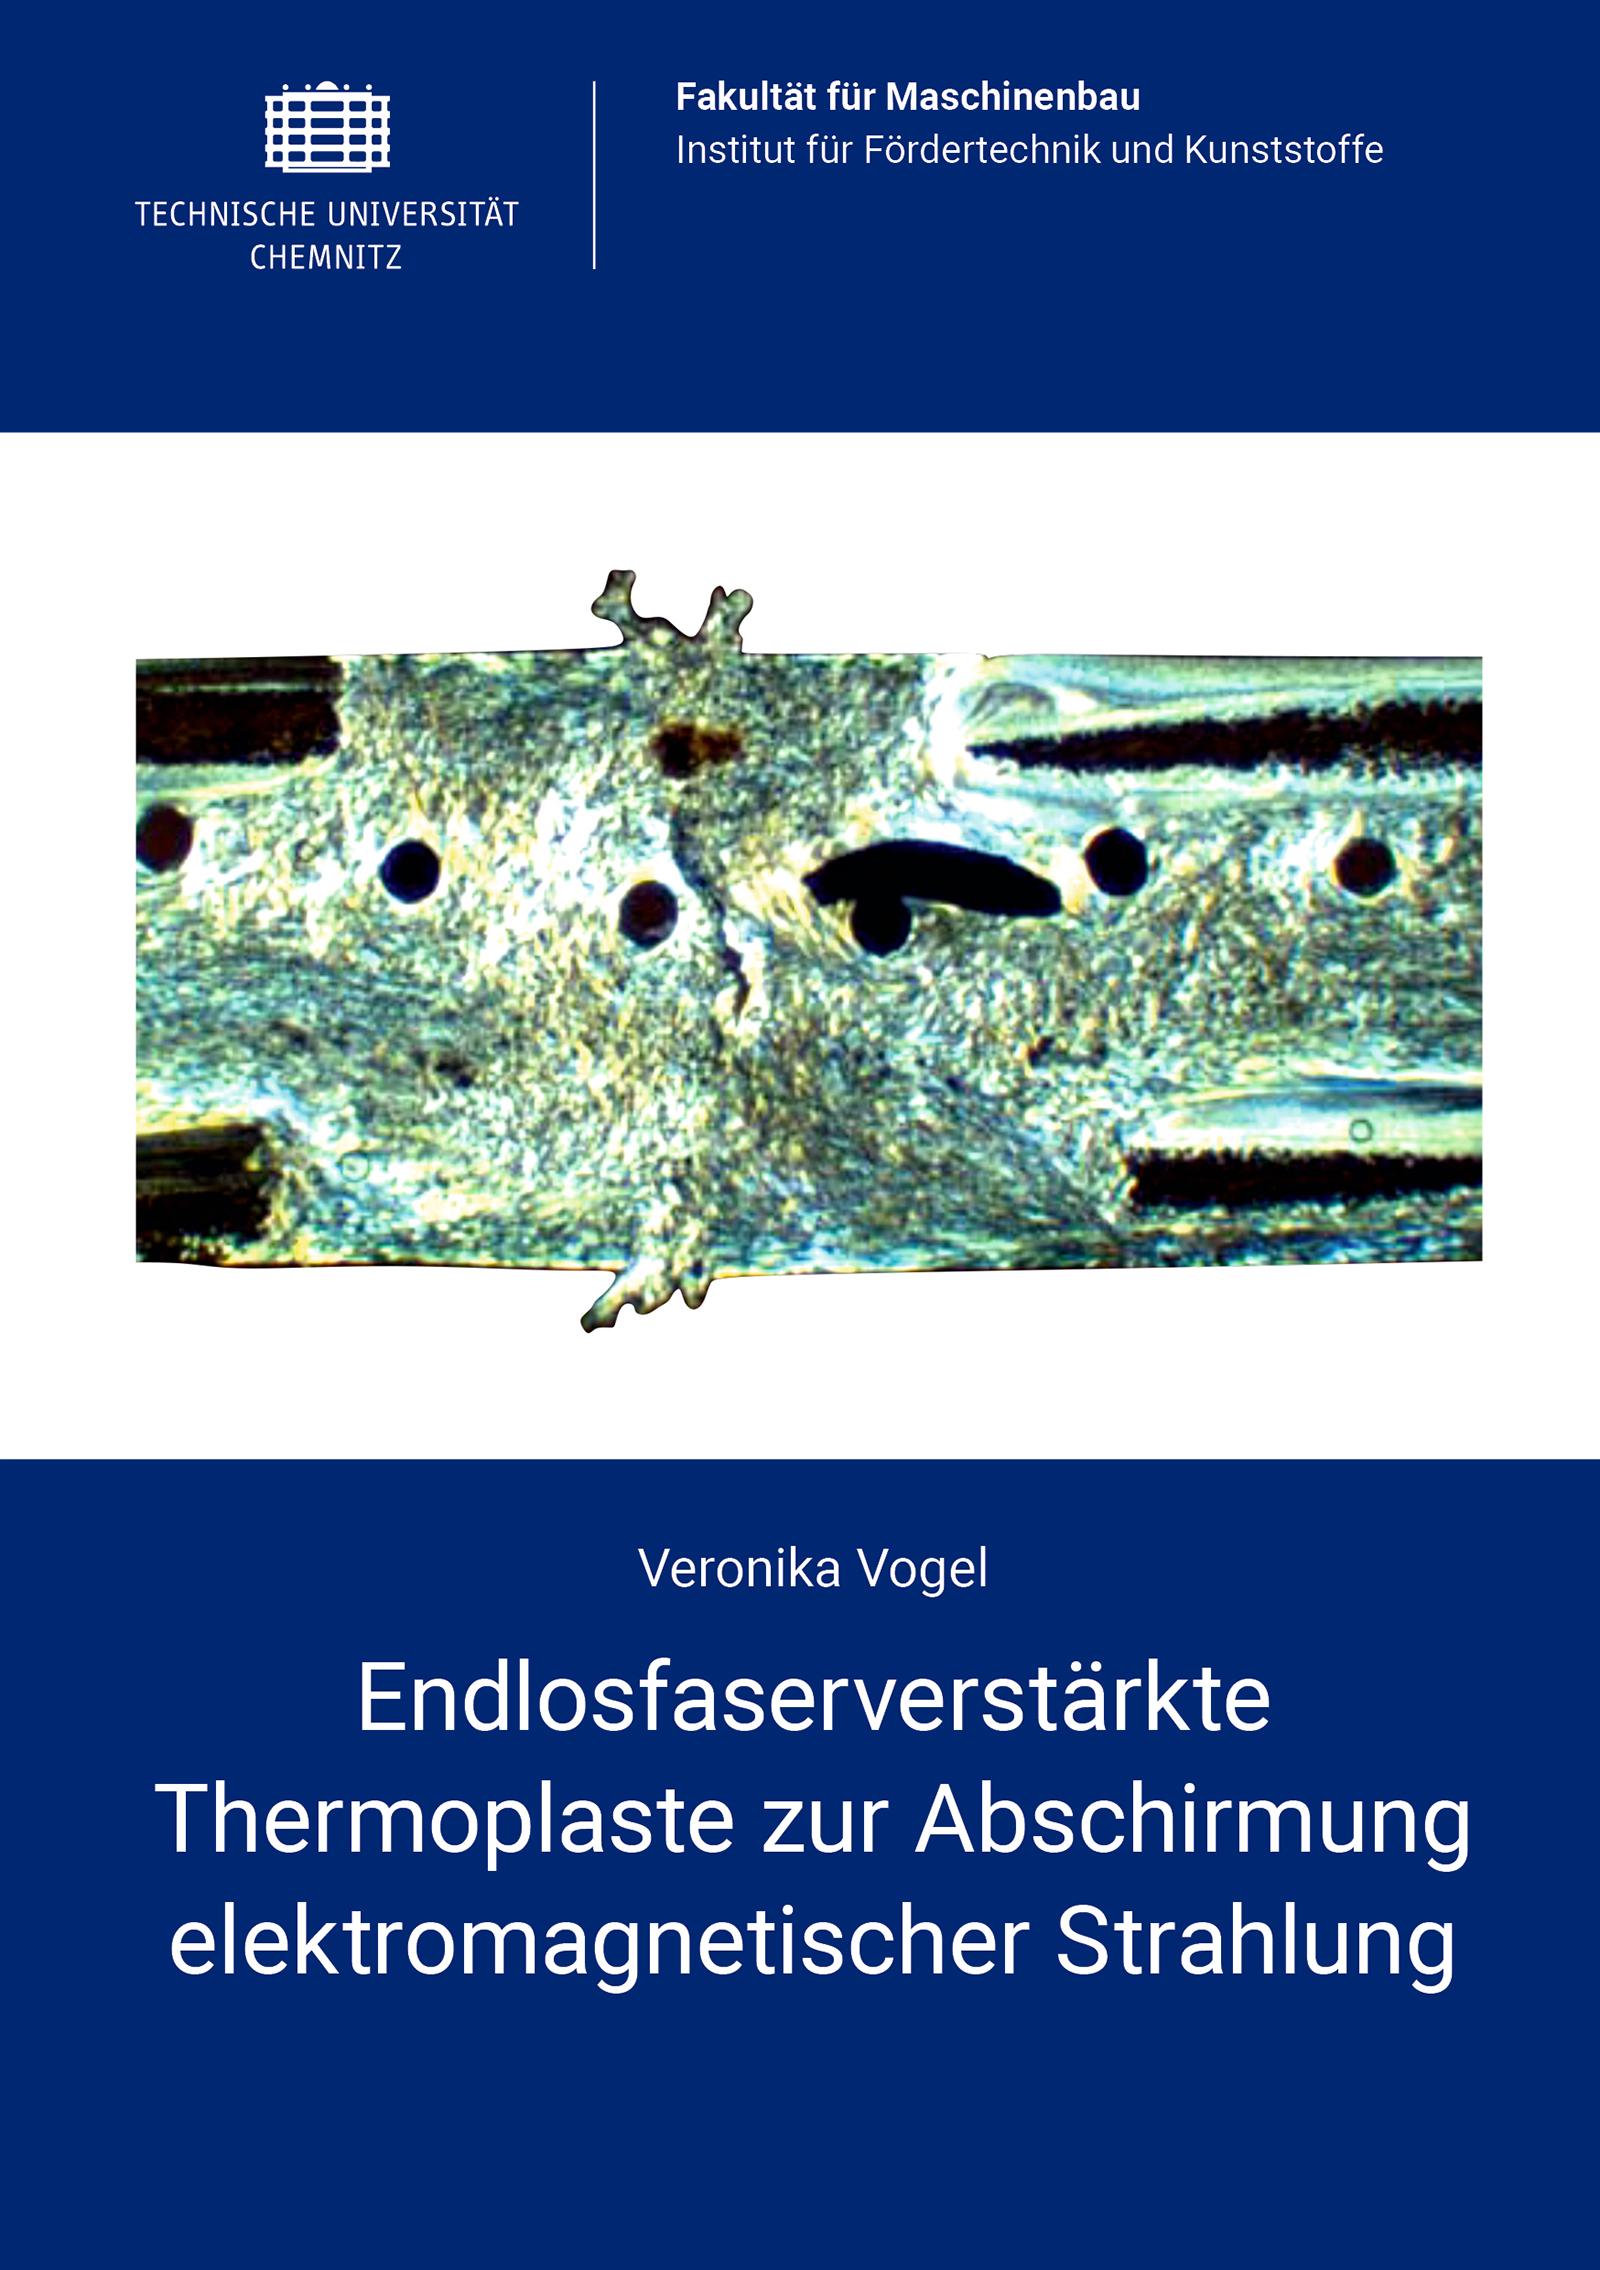 Cover: Endlosfaserverstärkte Thermoplaste zur Abschirmung elektromagnetischer Strahlung